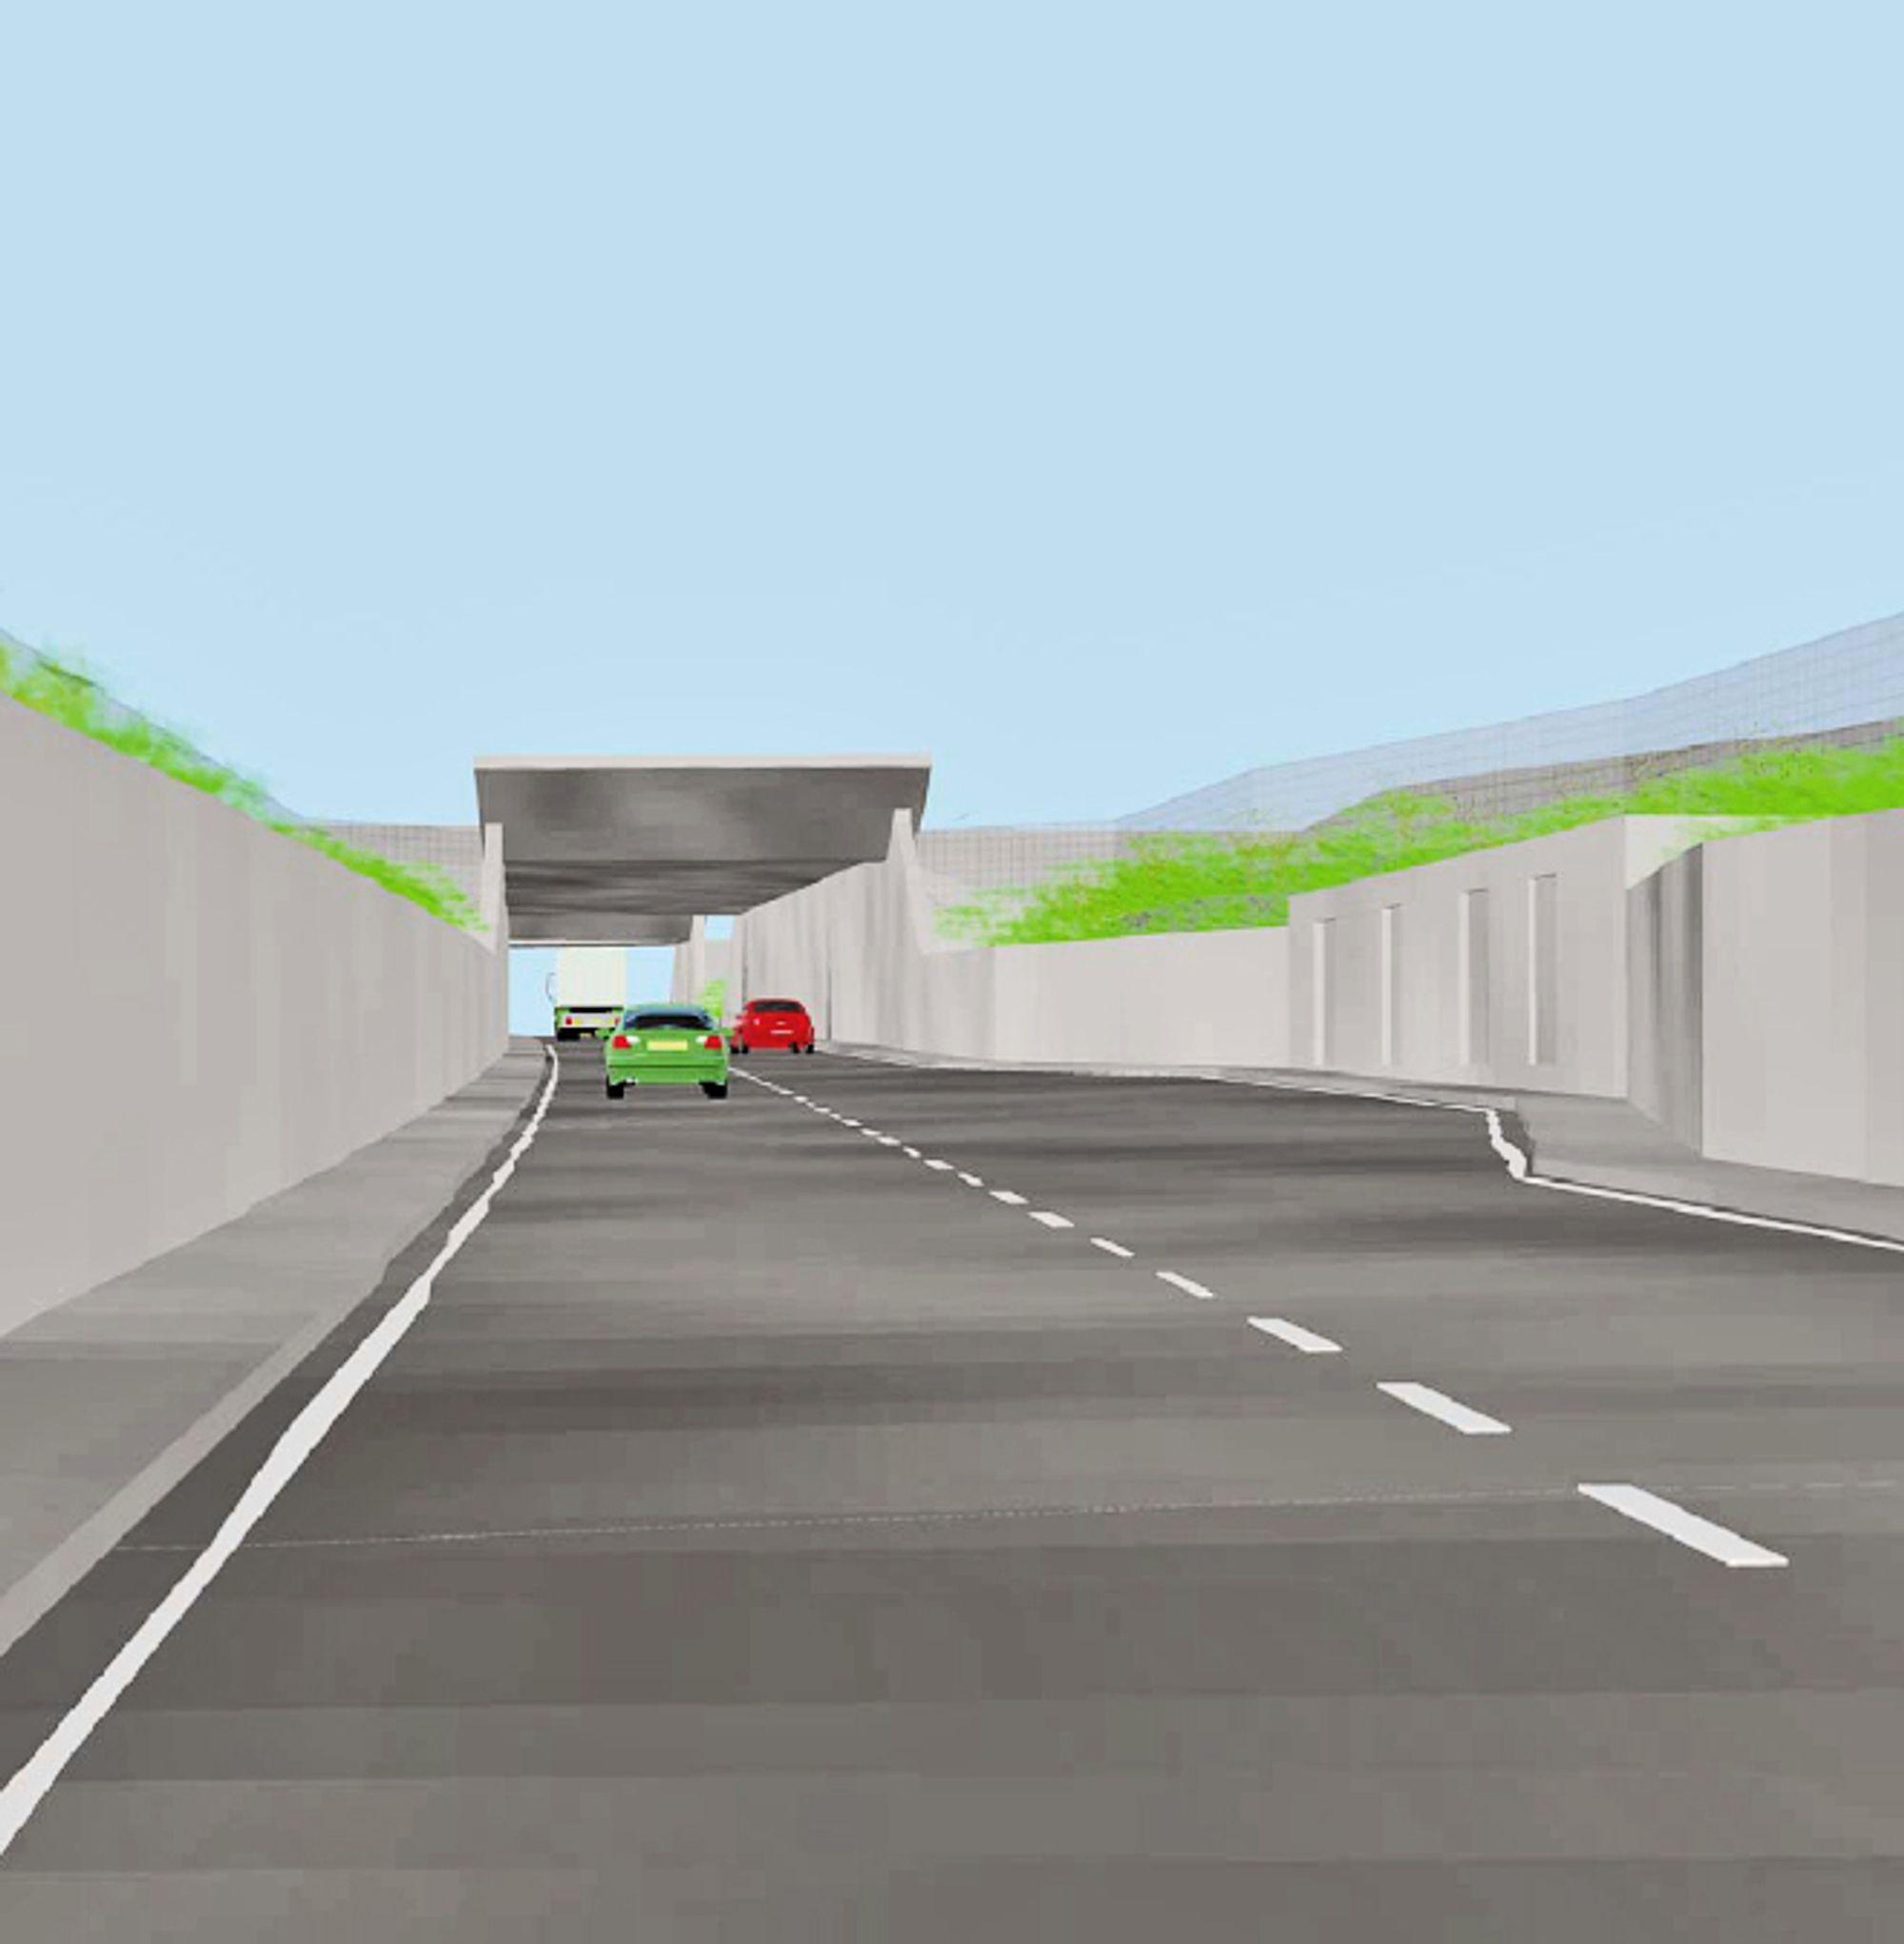 Illustrasjonen viser betongtrauet slik det vil se ut mellom rullebanen og taksebanen. Kulverten under taksebanen ses i bakgrunnen.